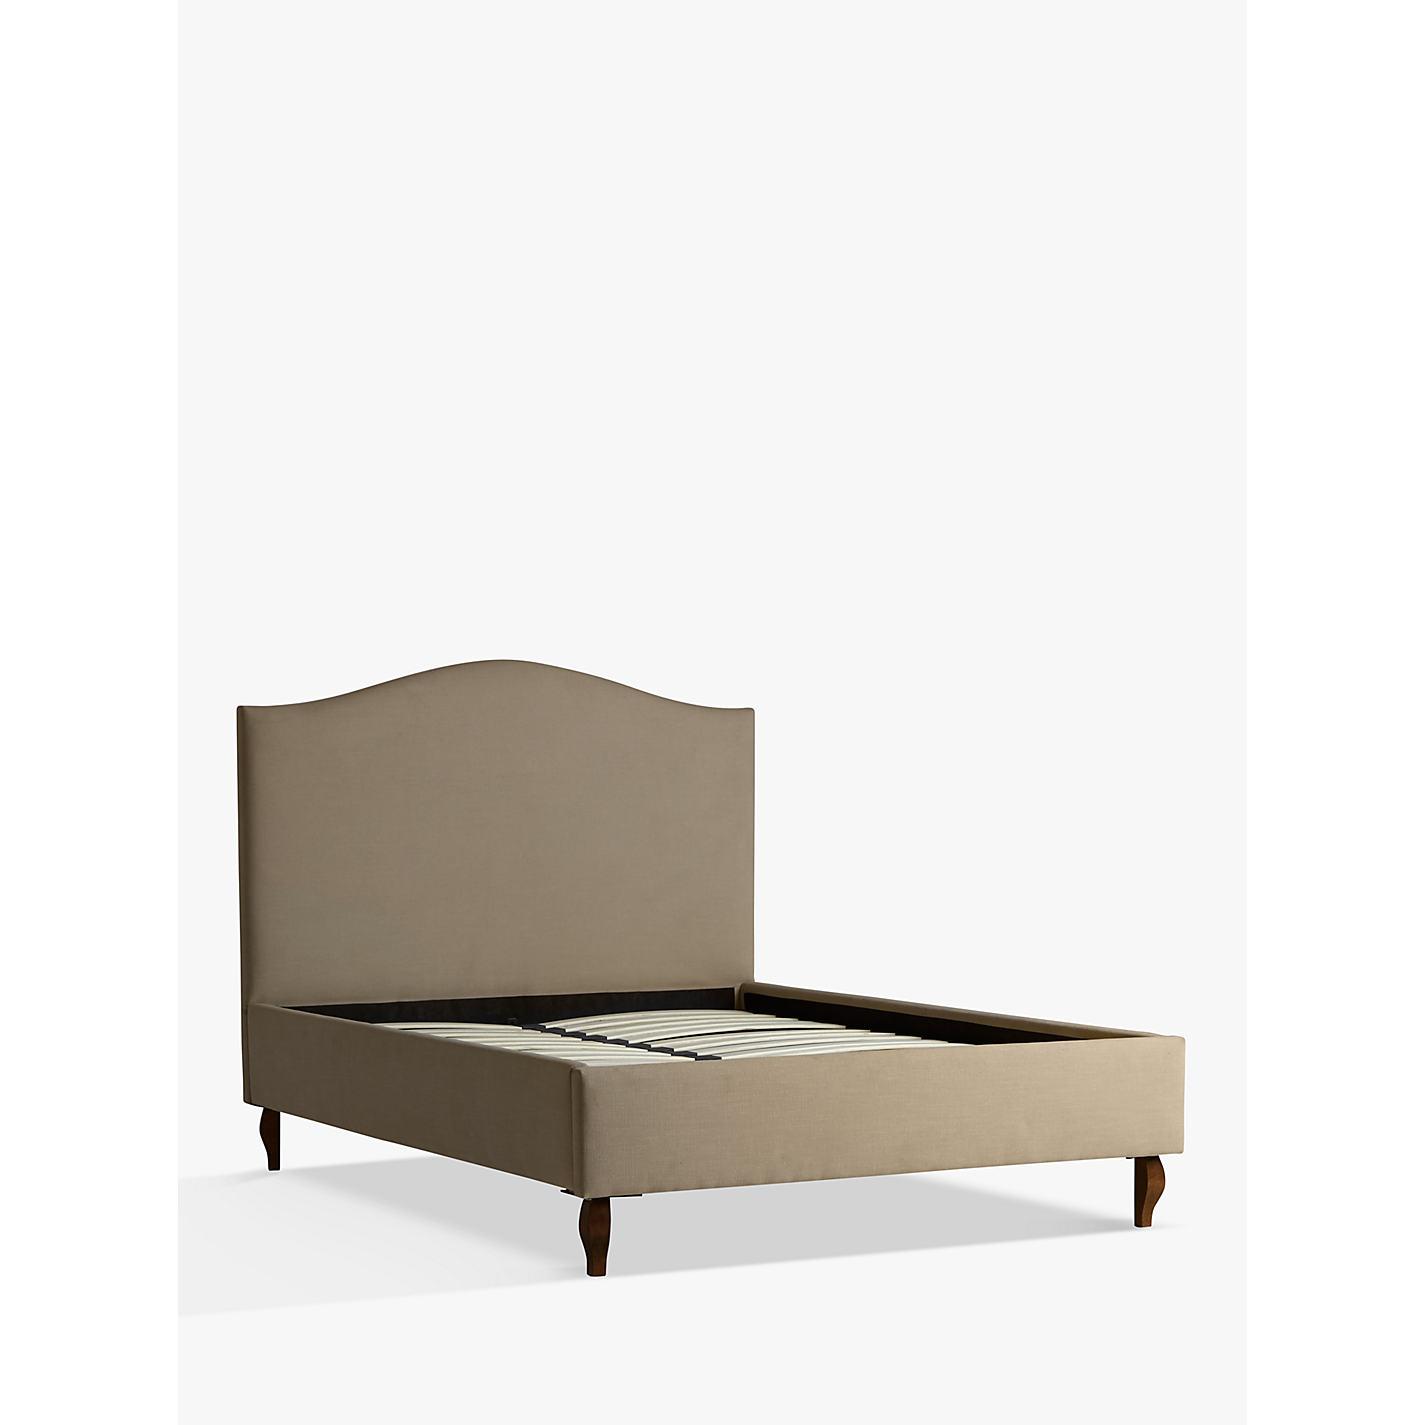 Buy John Lewis Charlotte Bed Frame, King Size Online at johnlewis.com ...